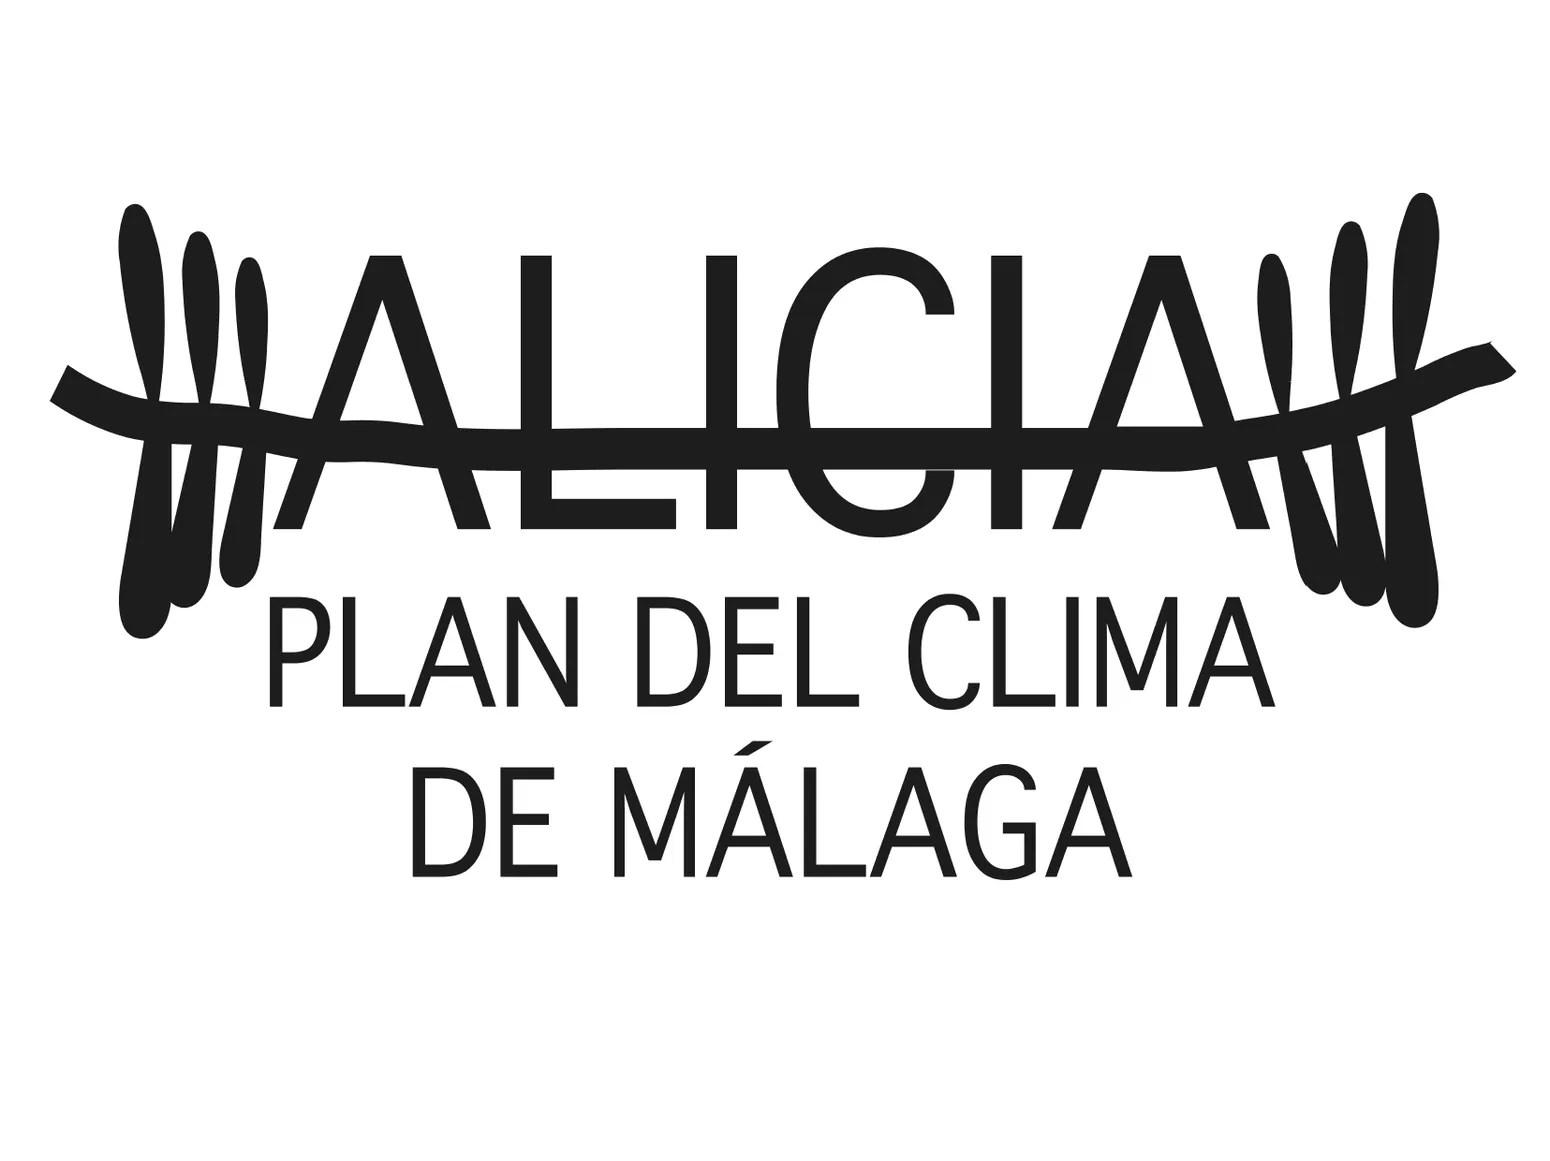 ALICIA, el plan del clima de Málaga es un puñado de buenas intenciones sin compromisos concretos... es decir un lavado verde para estafar a los ciudadanos.